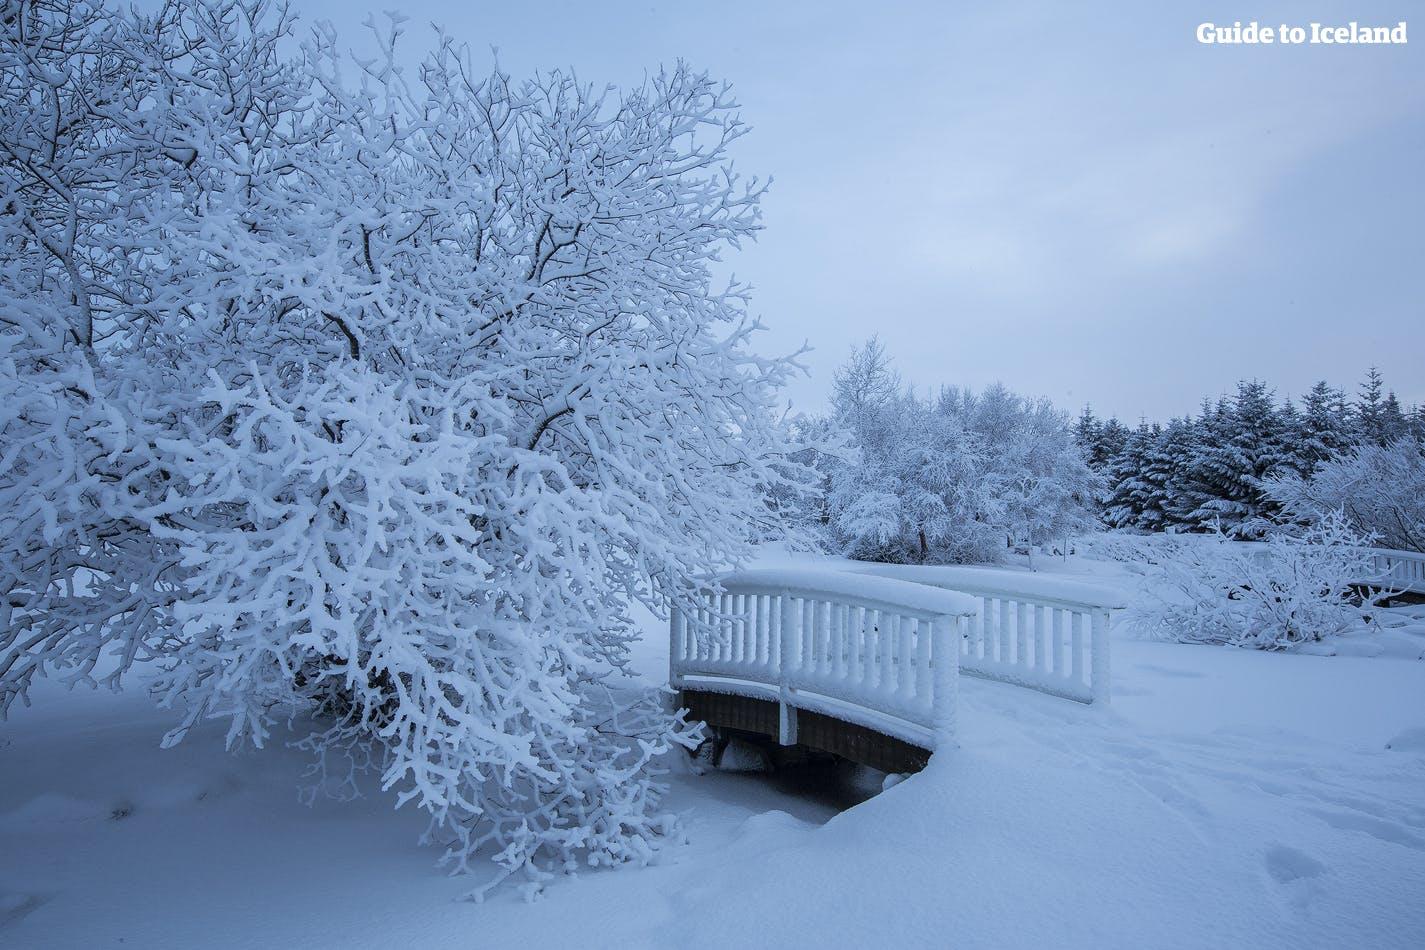 ในตอนที่หิมะตกในเรคยาวิก ทั้งเมืองจะกลายเป็นดินแดนแห่งฤดูหนาวที่มหัศจรรย์